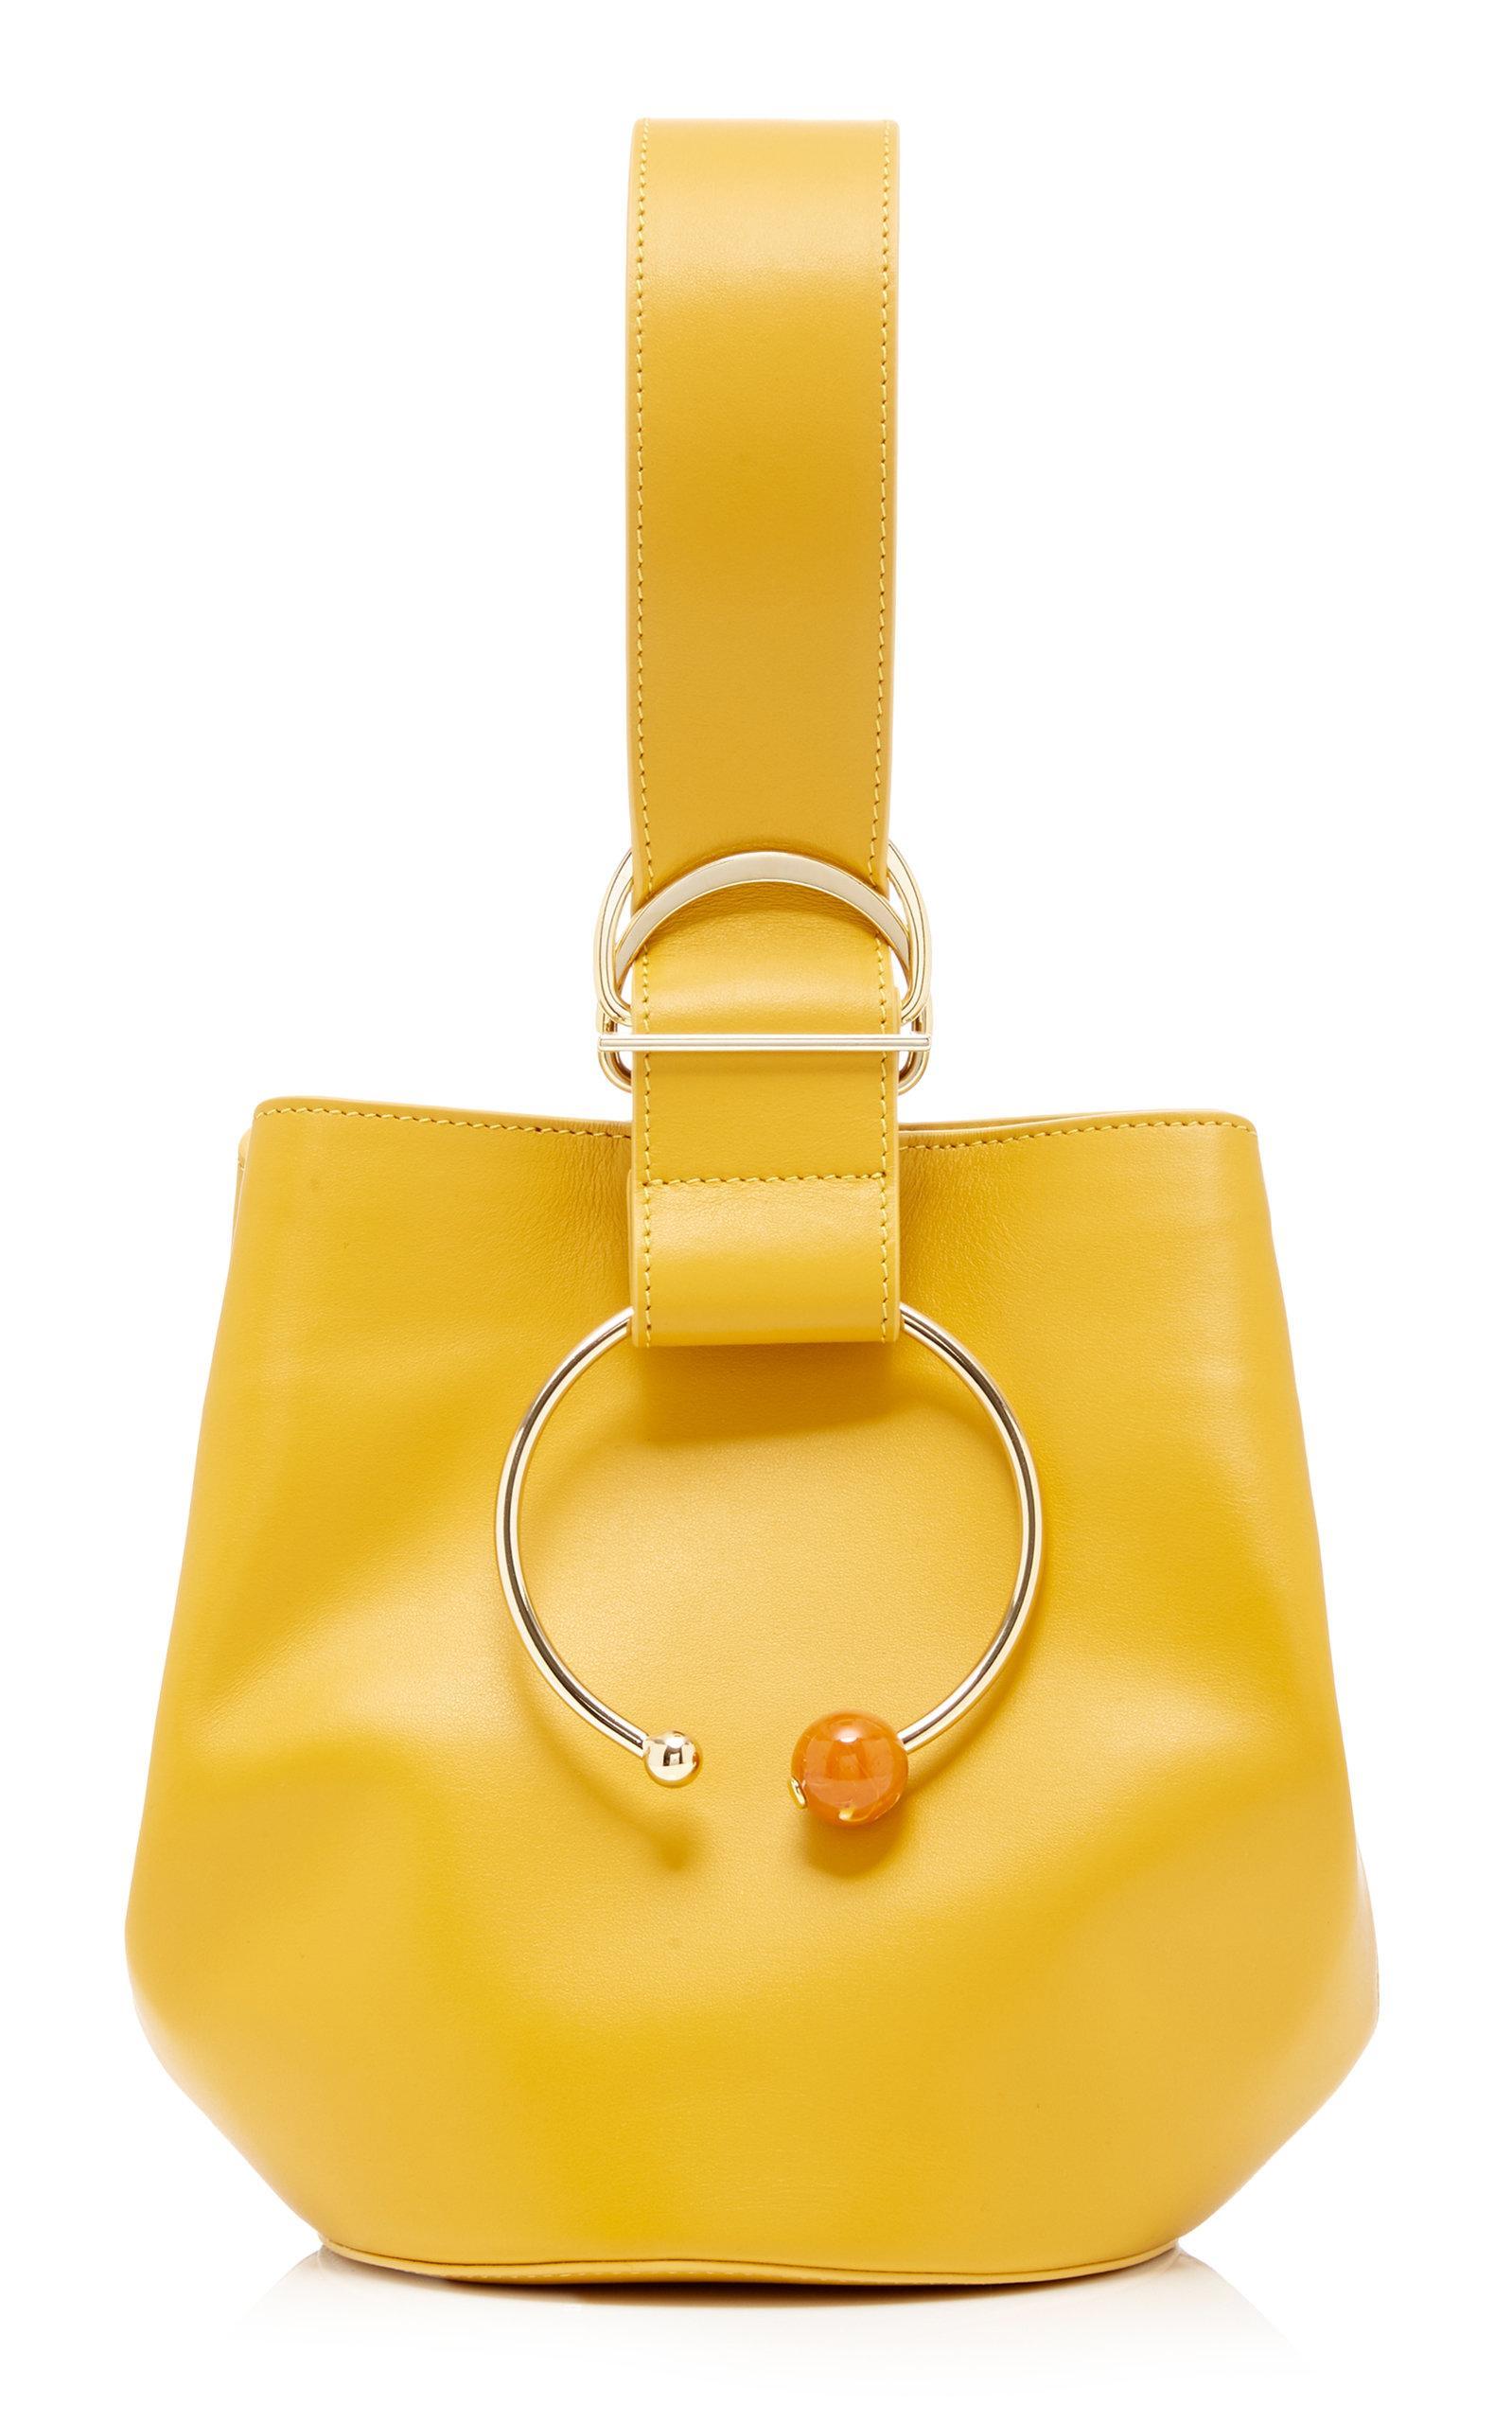 Adeam Gem Sphere Bag In Yellow